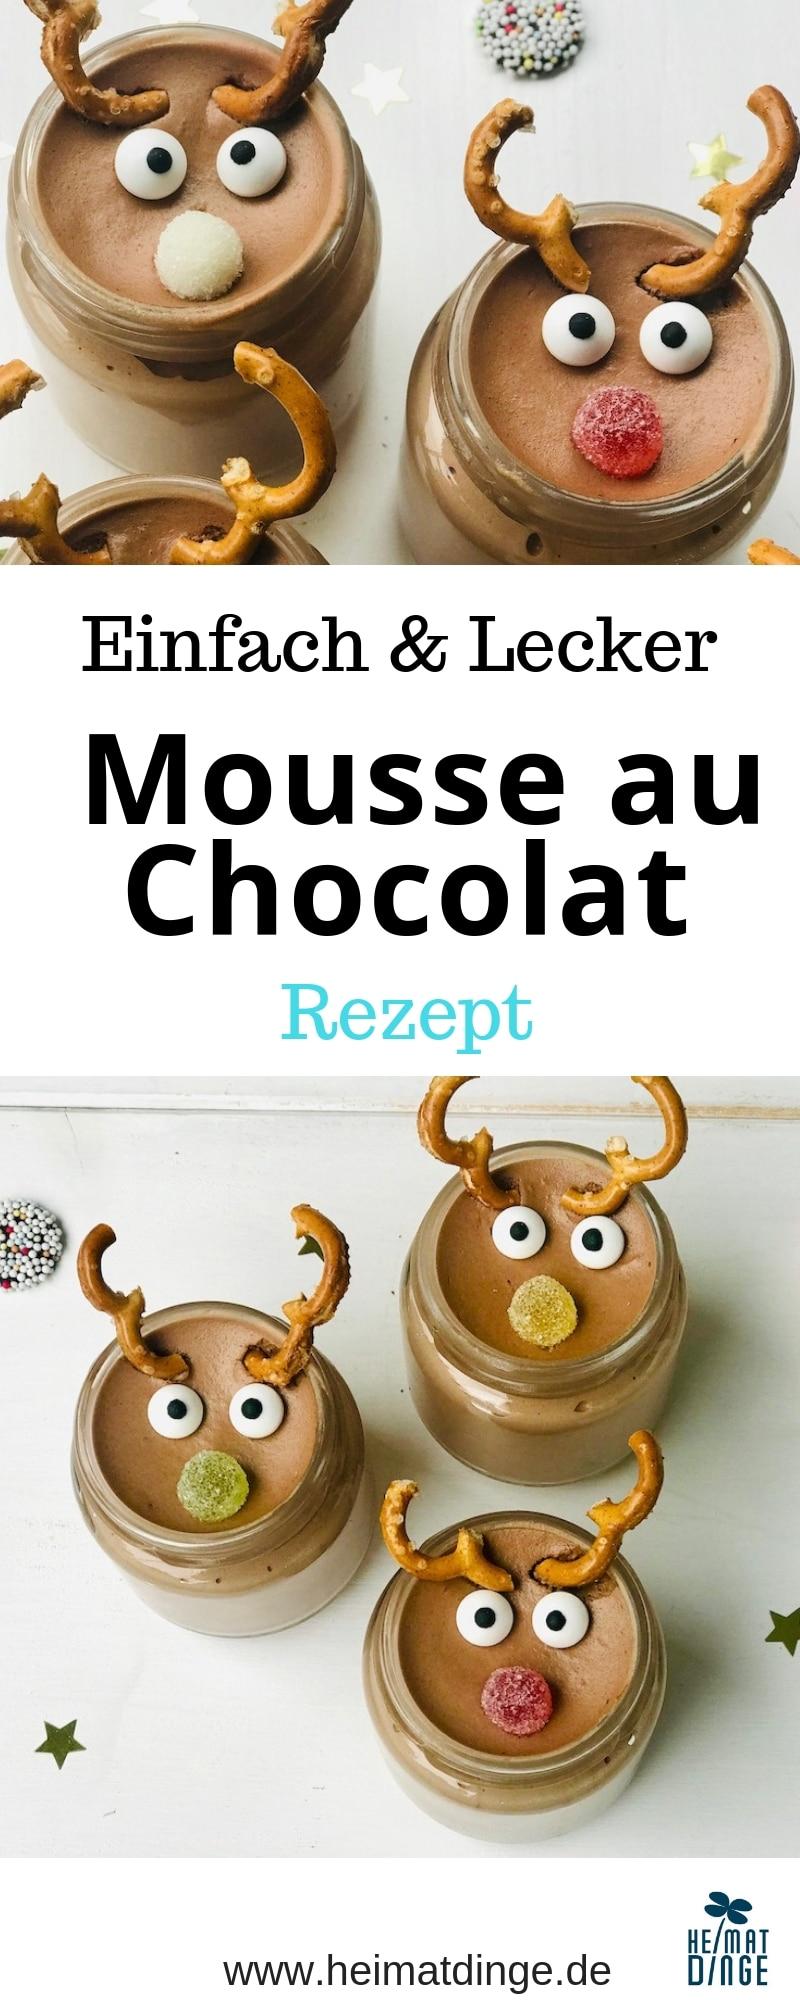 Weihnachtsdessert im Glas, Rezept Mousse au Chocolat, einfaches Rezept, Kinderdessert